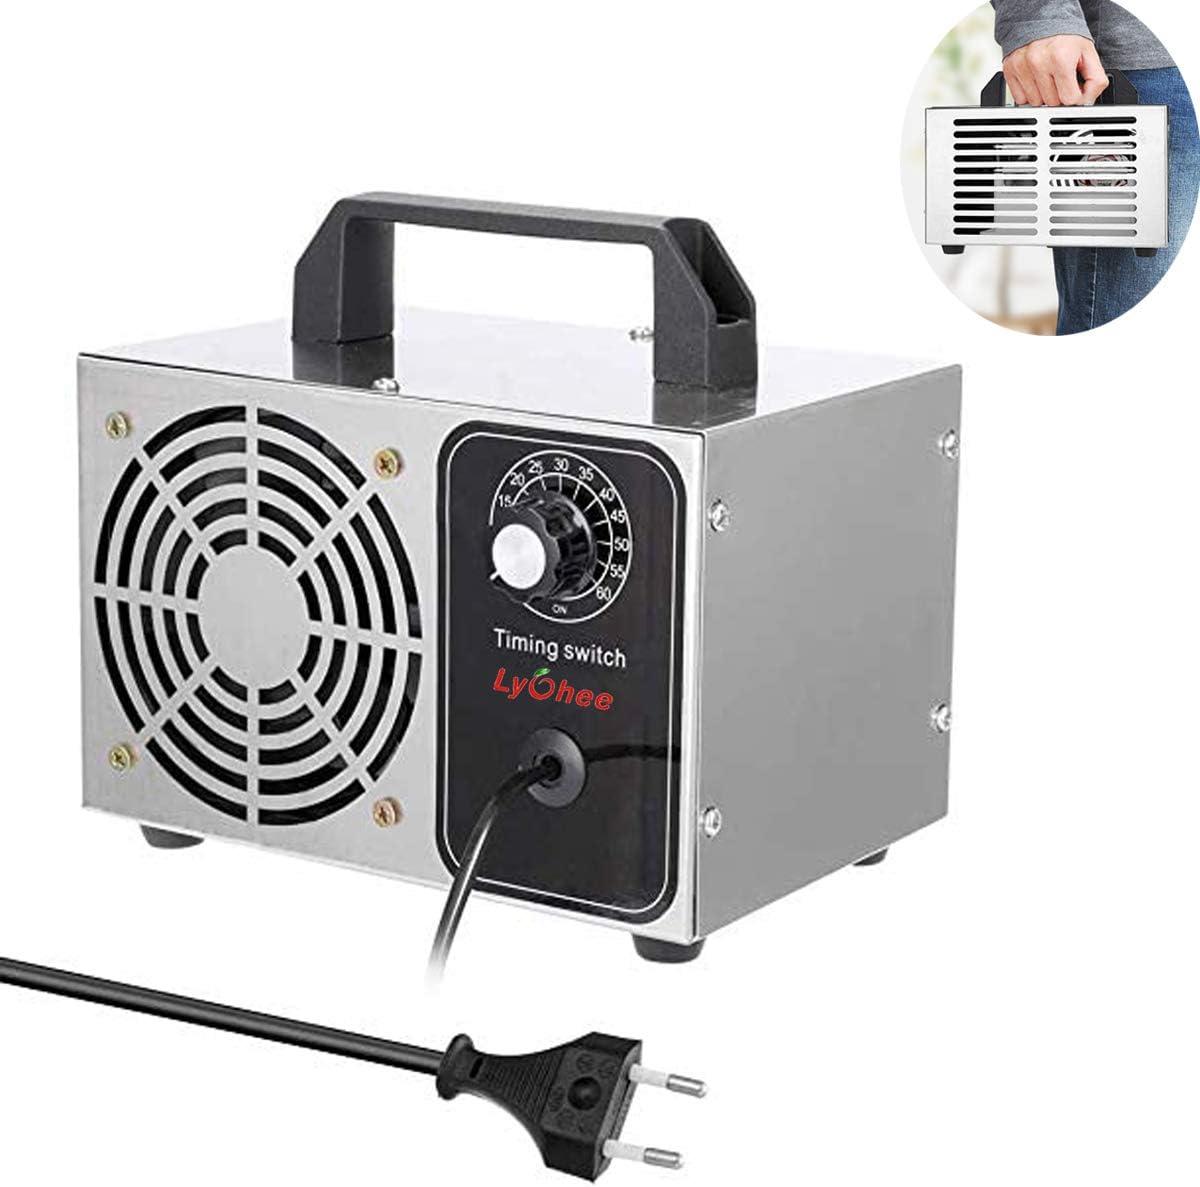 Lychee Generador de ozono Comercial Profesional,10g/h 220V Purificador de Aire de ozono móvil Ozone Machine O3 para Hogar, Oficina, Humo,Automóviles y Mascotas